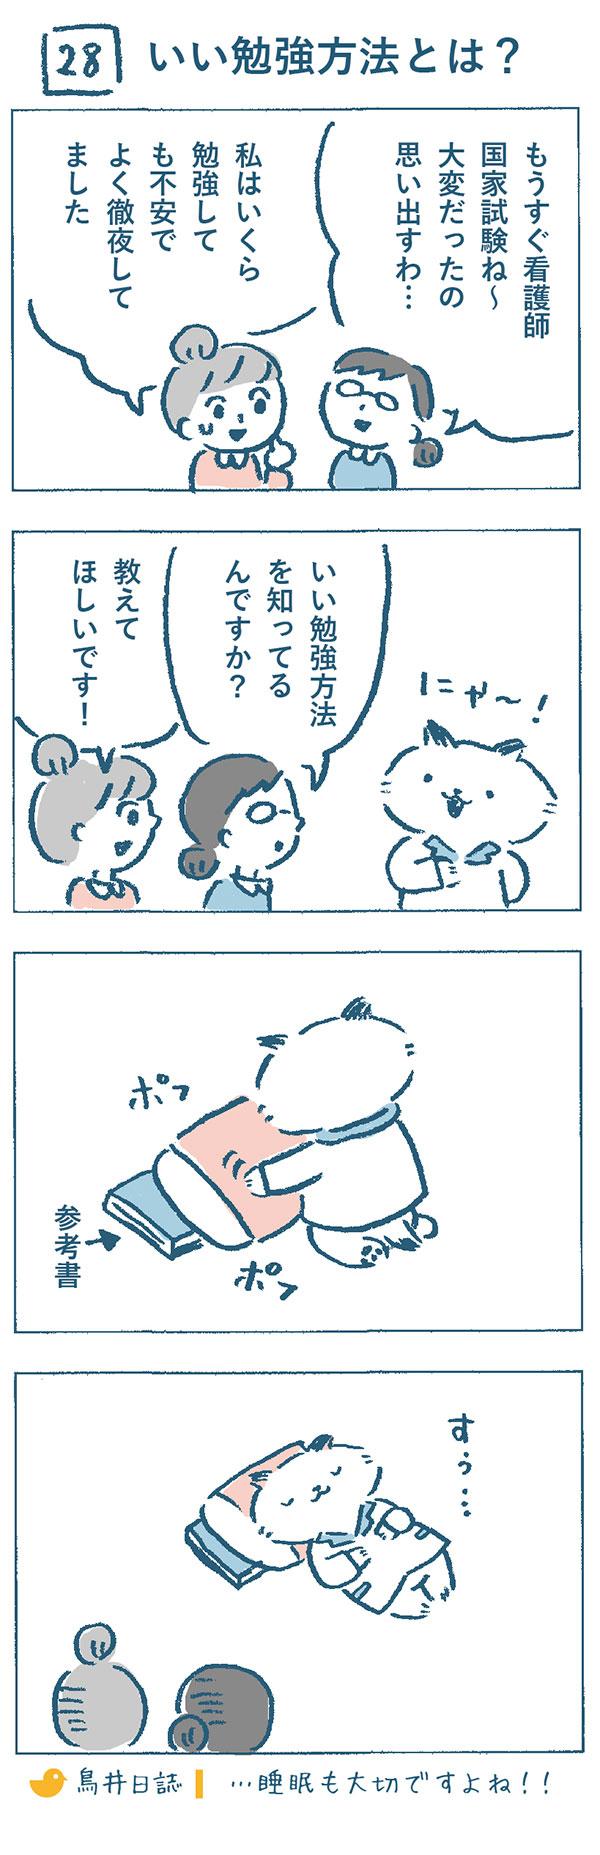 もうすぐ看護師国家試験。看護師の熊野さんと奈央子は、当時のことを思い出して、「大変だったの思い出すわ…」「私はいくら勉強しても不安でよく徹夜してました。」と話をしていました。そんなとき、ねこやま先生が、いい勉強方法を知っているような素振りをしたので、教えて欲しいと奈央子はお願いしました。するとねこやま先生は、枕を持っていって、参考書の上に重ねて整えはじめました。そして、「すぅ…」とお昼寝をしたのでした…睡眠も大切ですよね!